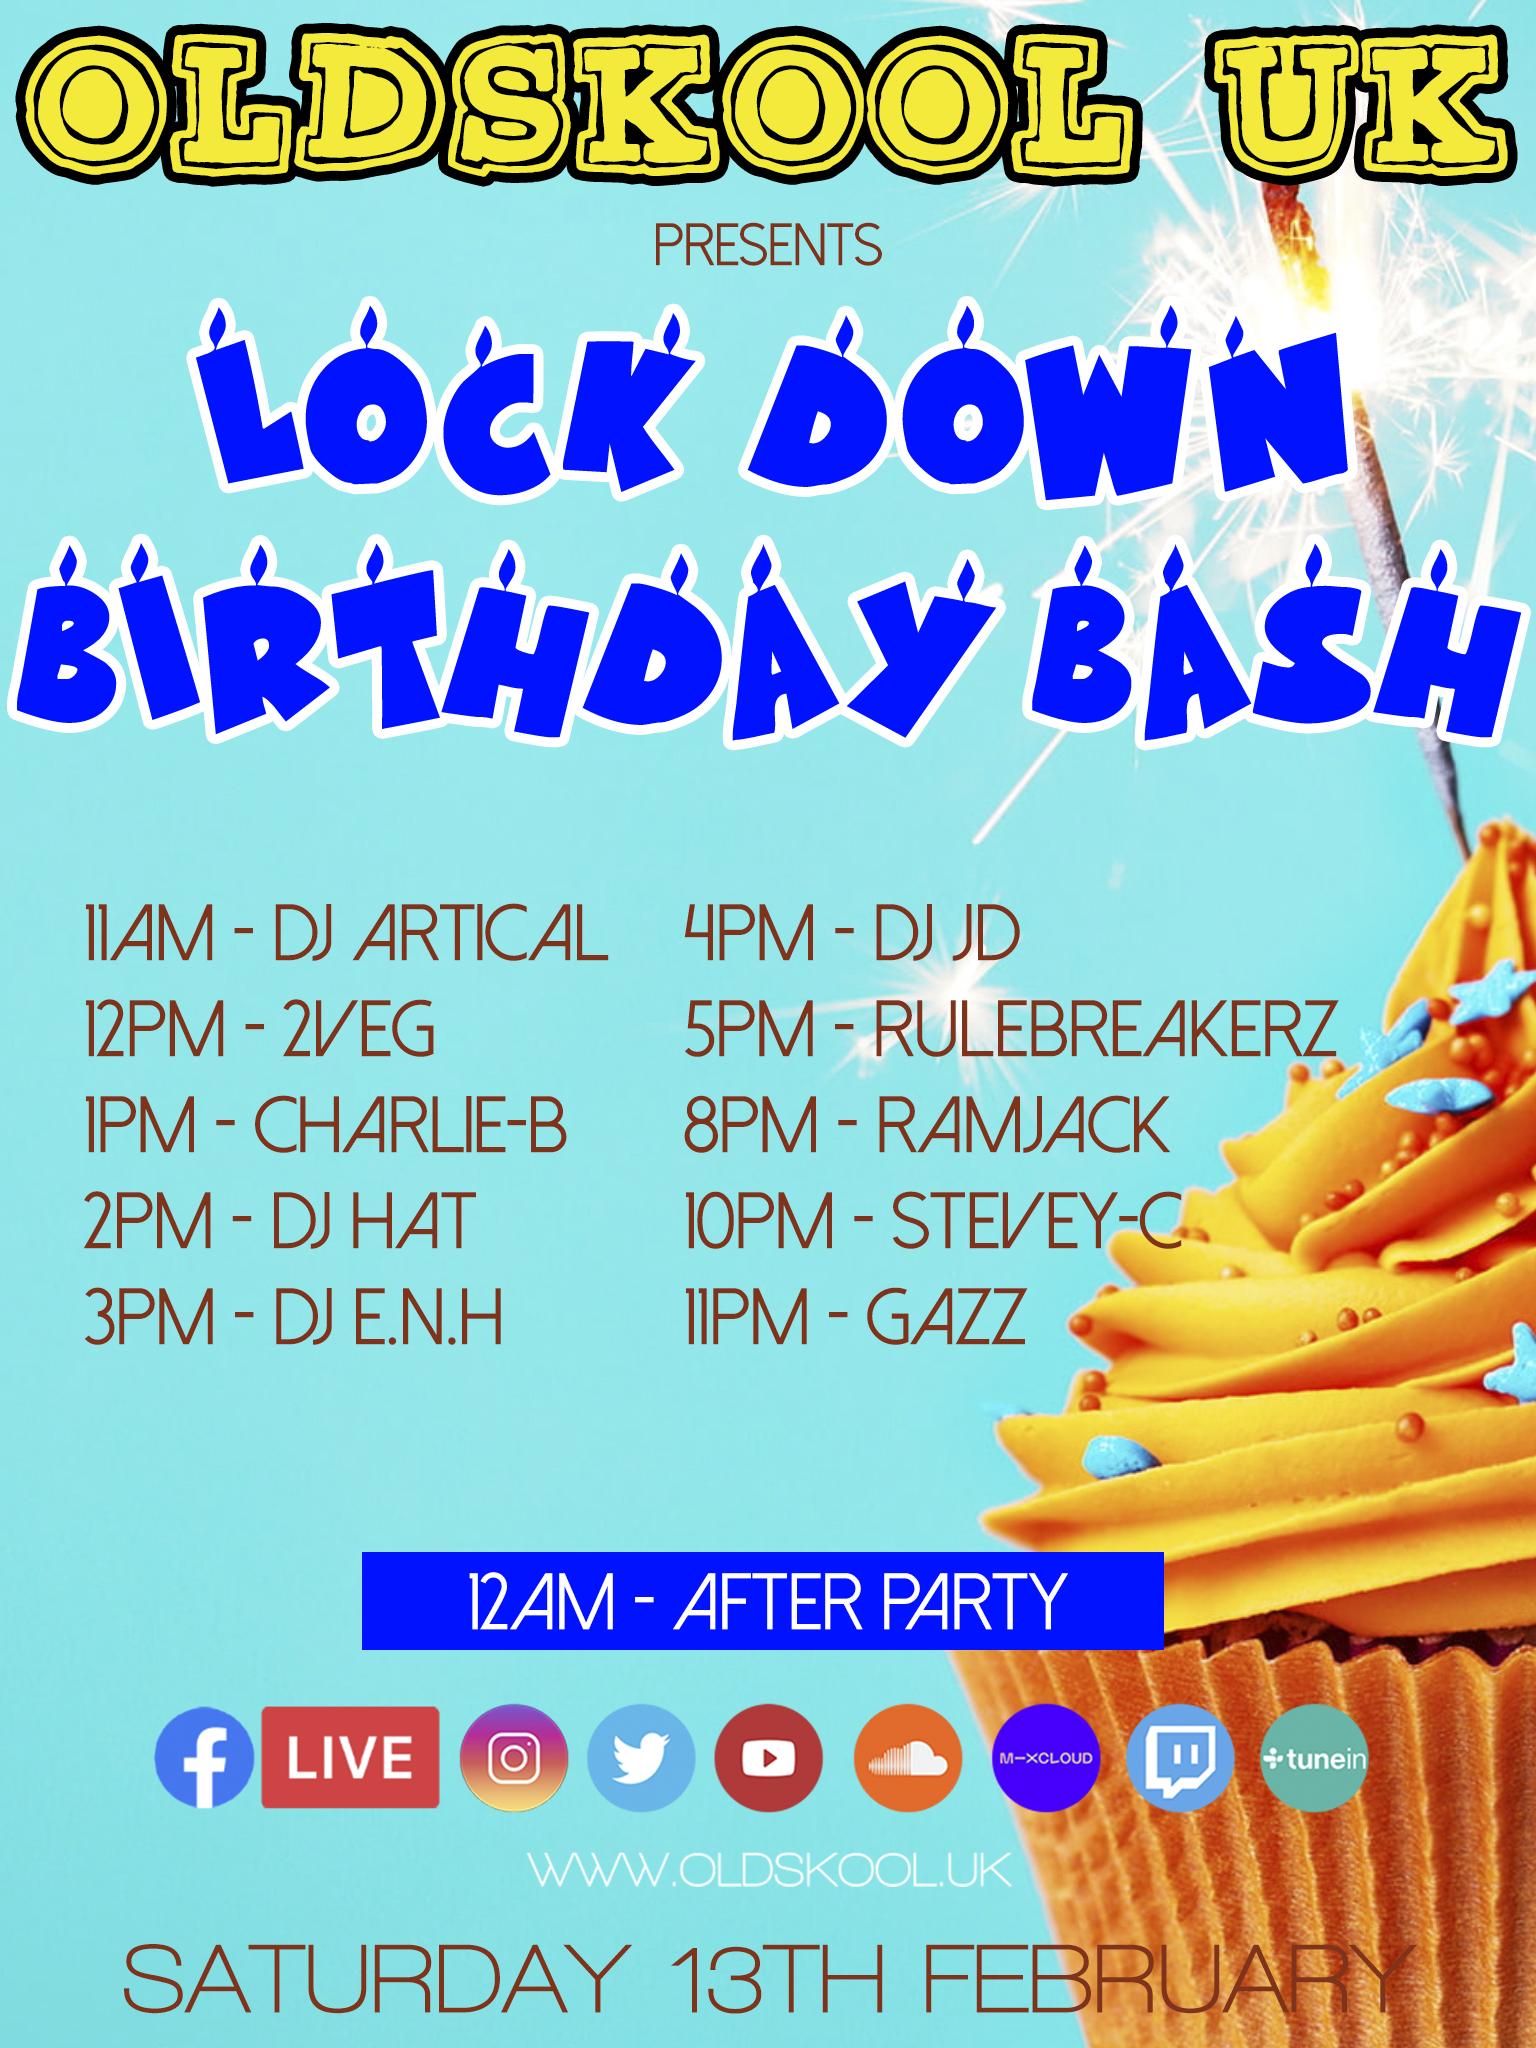 LOCK DOWN BIRTHDAY BASH